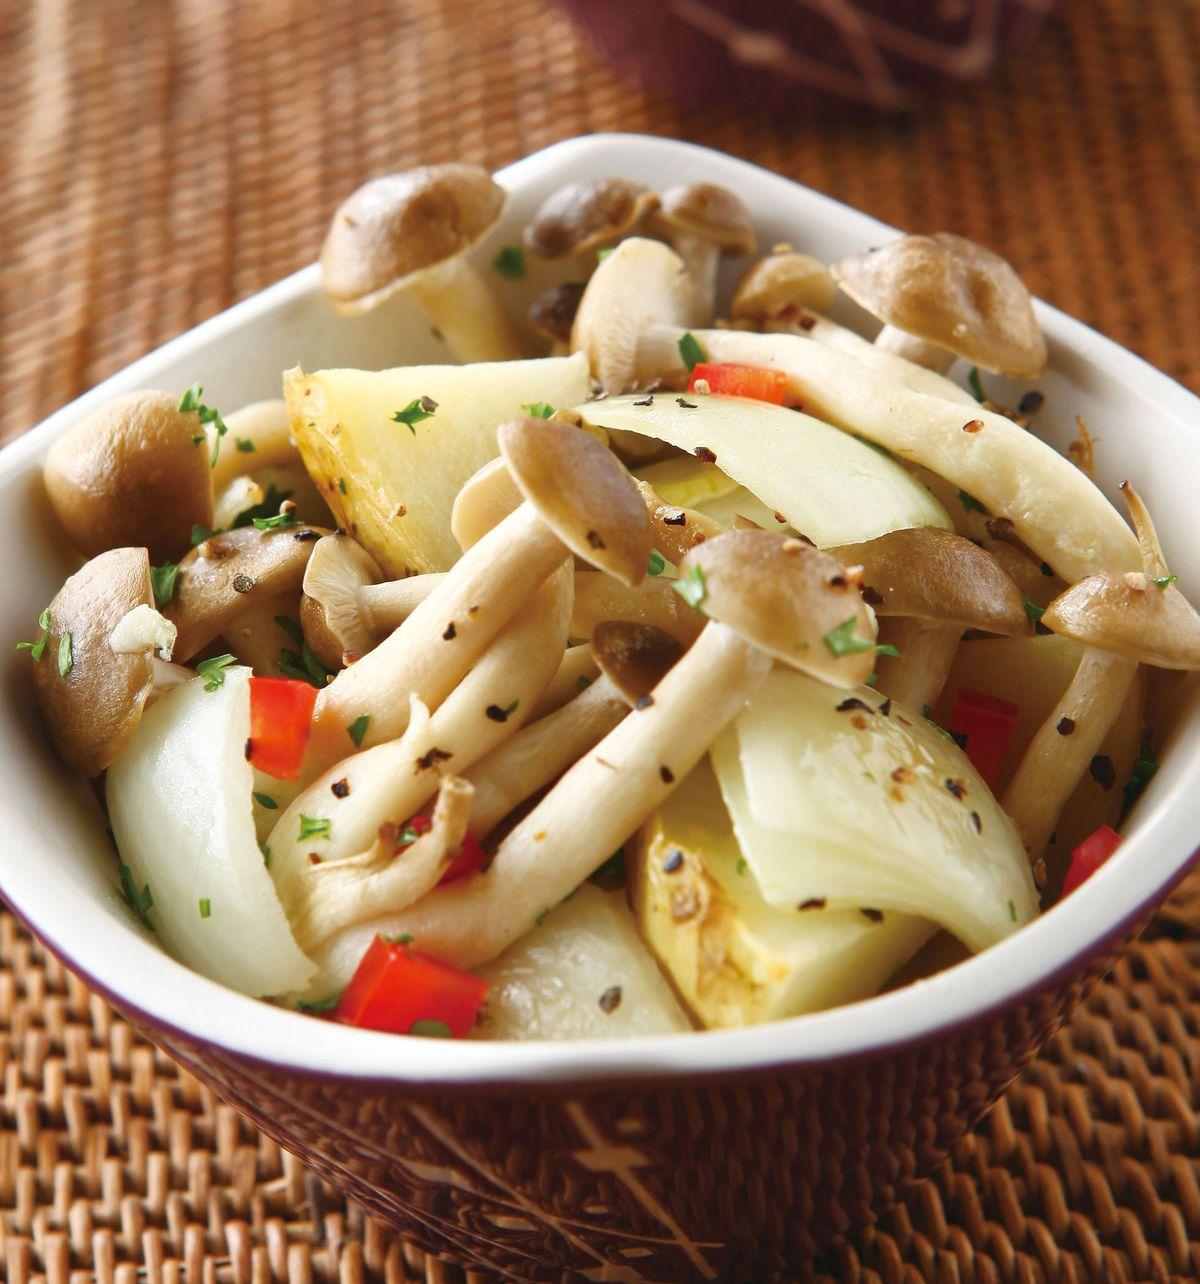 食譜:洋芋烤鴻喜菇